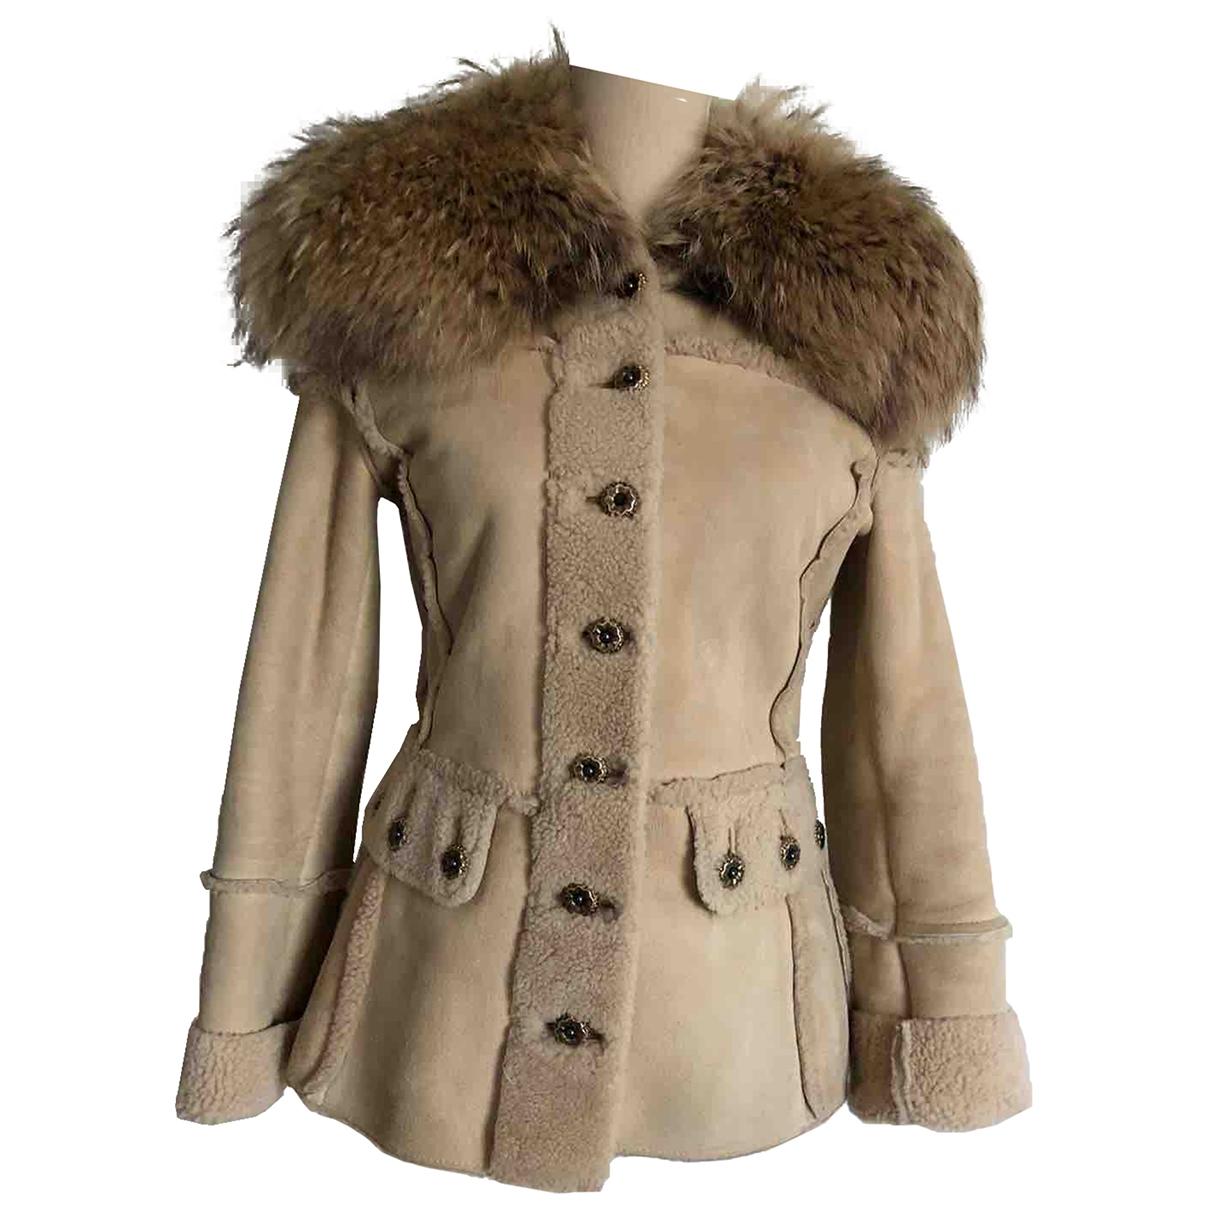 Dolce & Gabbana \N Beige Shearling coat for Women 40 IT